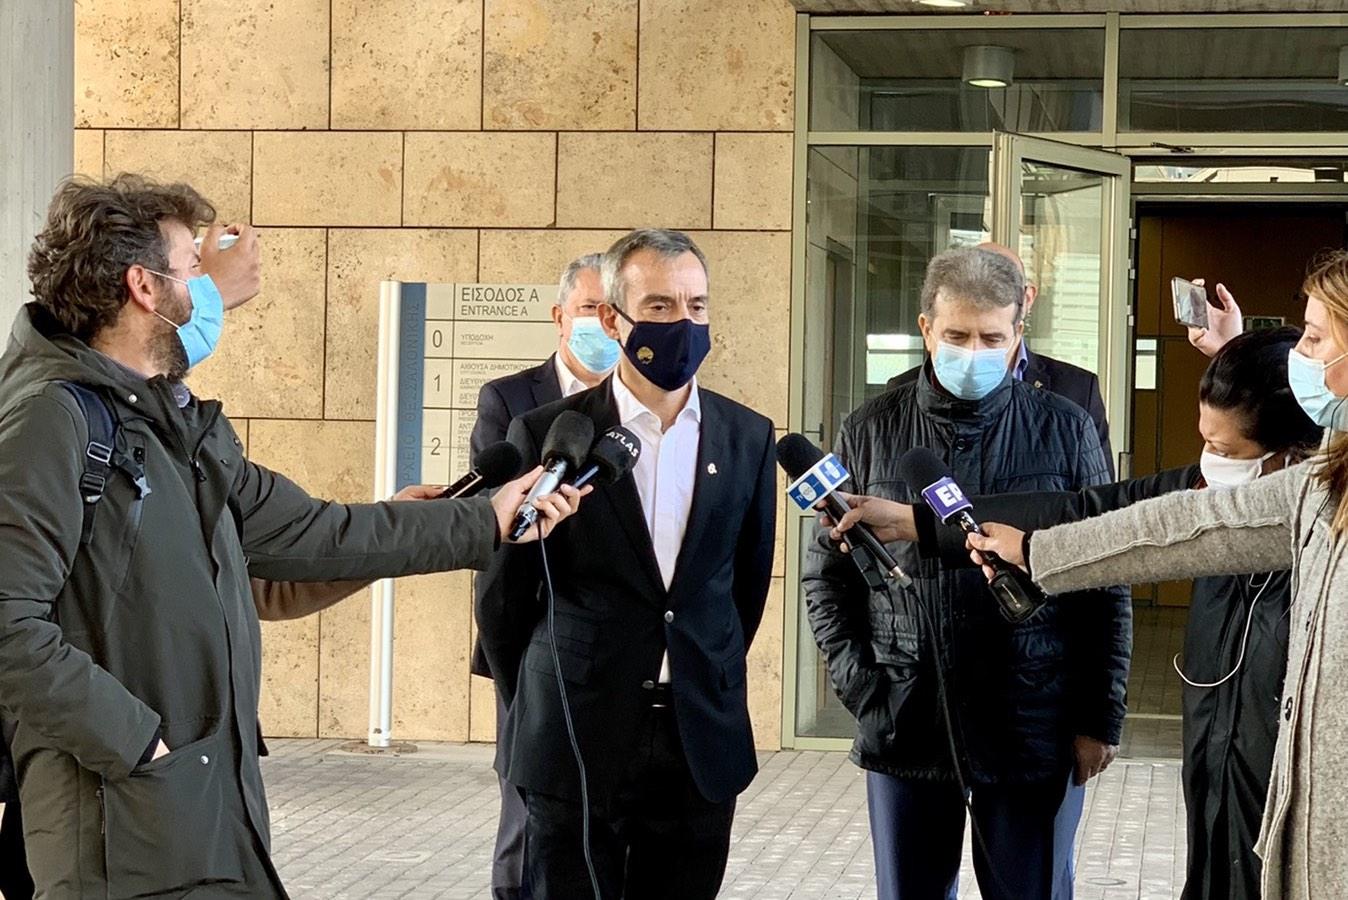 Συνάντηση του Δημάρχου Θεσσαλονίκης Κωνσταντίνου Ζέρβα με τον Υπουργό Προστασίας του Πολίτη Μιχάλη Χρυσοχοΐδη